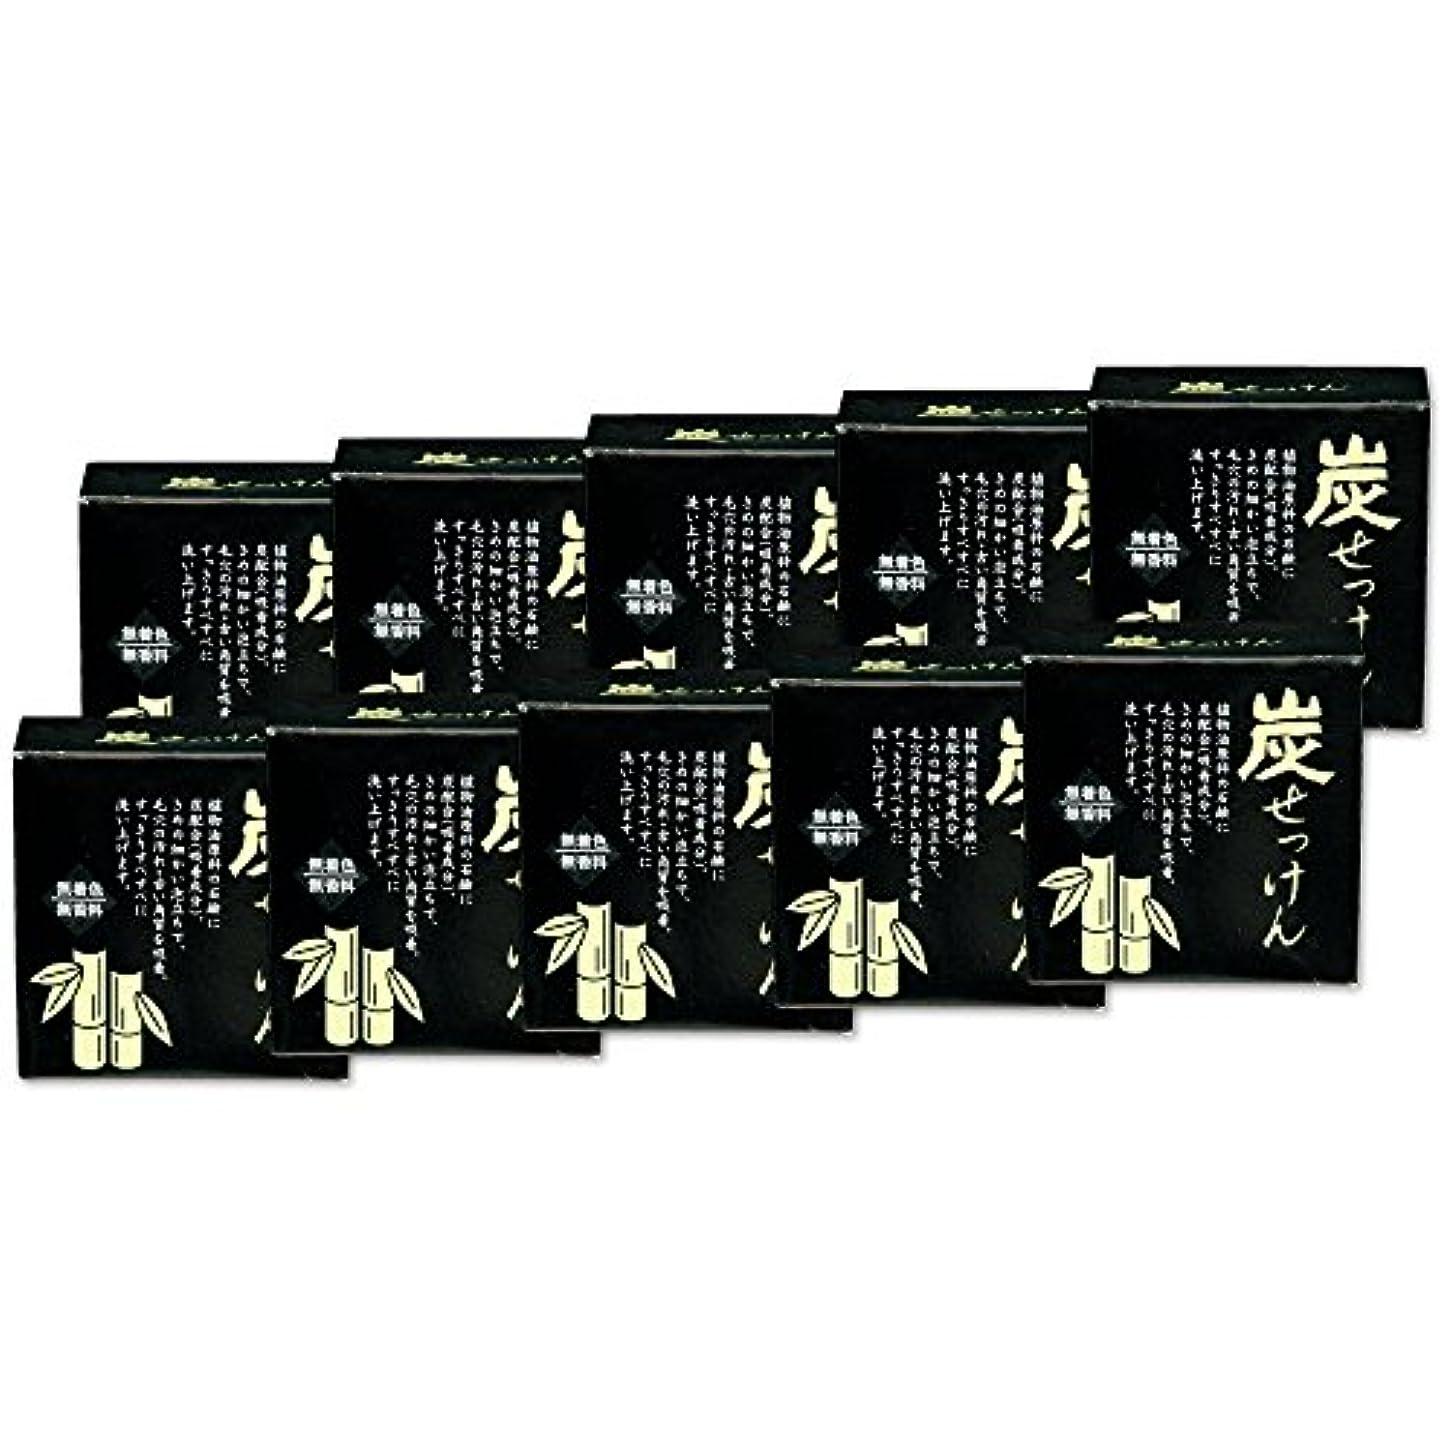 弾性反乱財布竹炭の里 炭せっけん 無香料 無着色 100g 10個セット 累計販売100万個突破の人気商品。